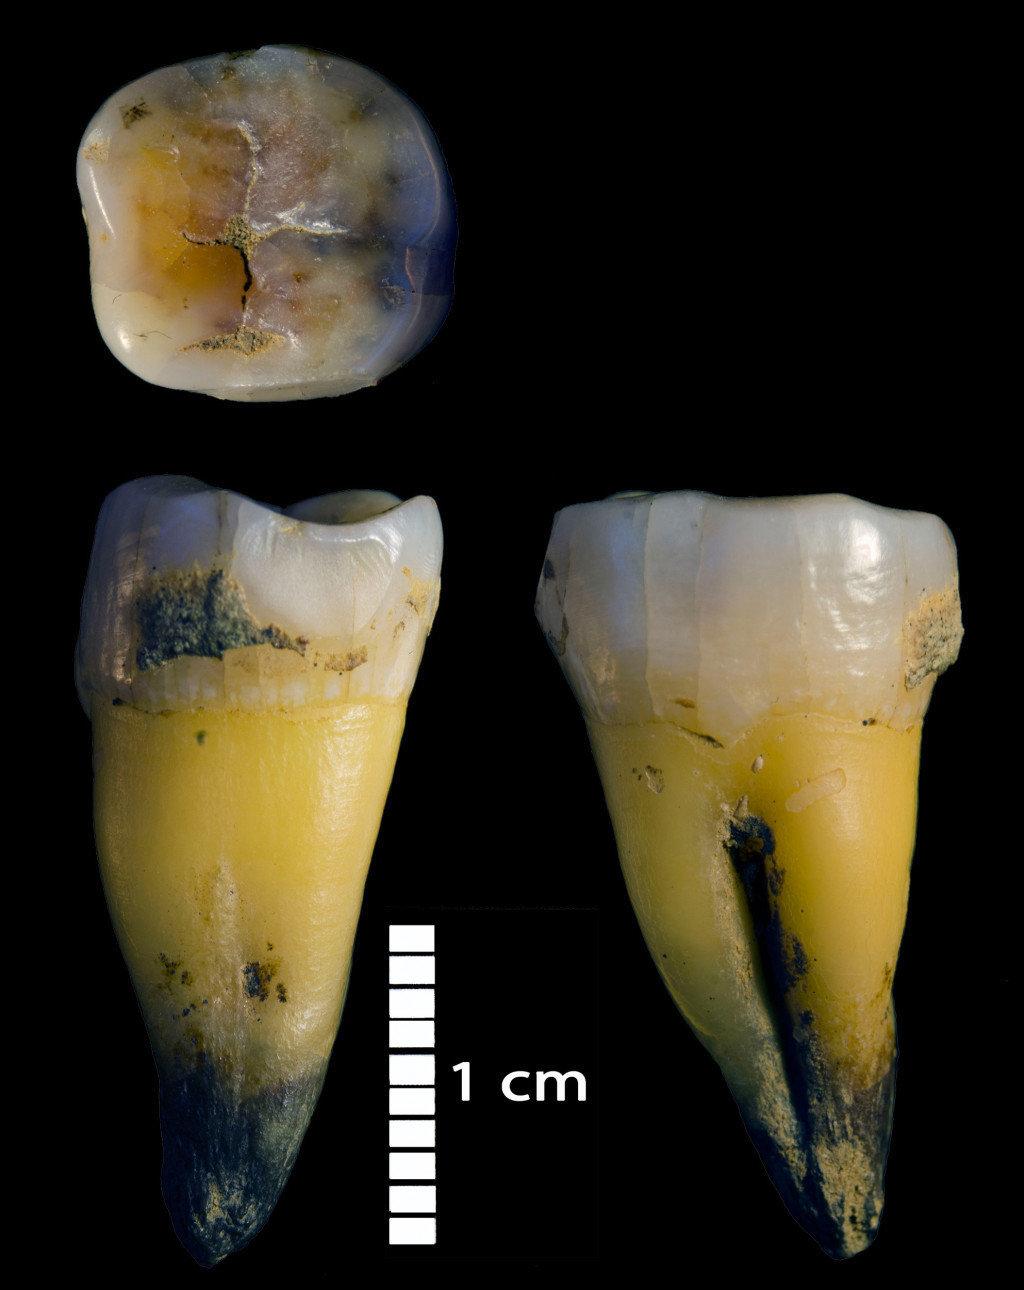 在主要地区的Bacho Kiro洞穴中发现的现代人类的第二下臼齿,与最初的旧石器时代石器相关。来自该个体的全基因组数据表明,他的尼安德特人祖先不到六代。在洞穴的Niche 1区的第一层中发现了同一个人的另一个人类碎片。.jpg